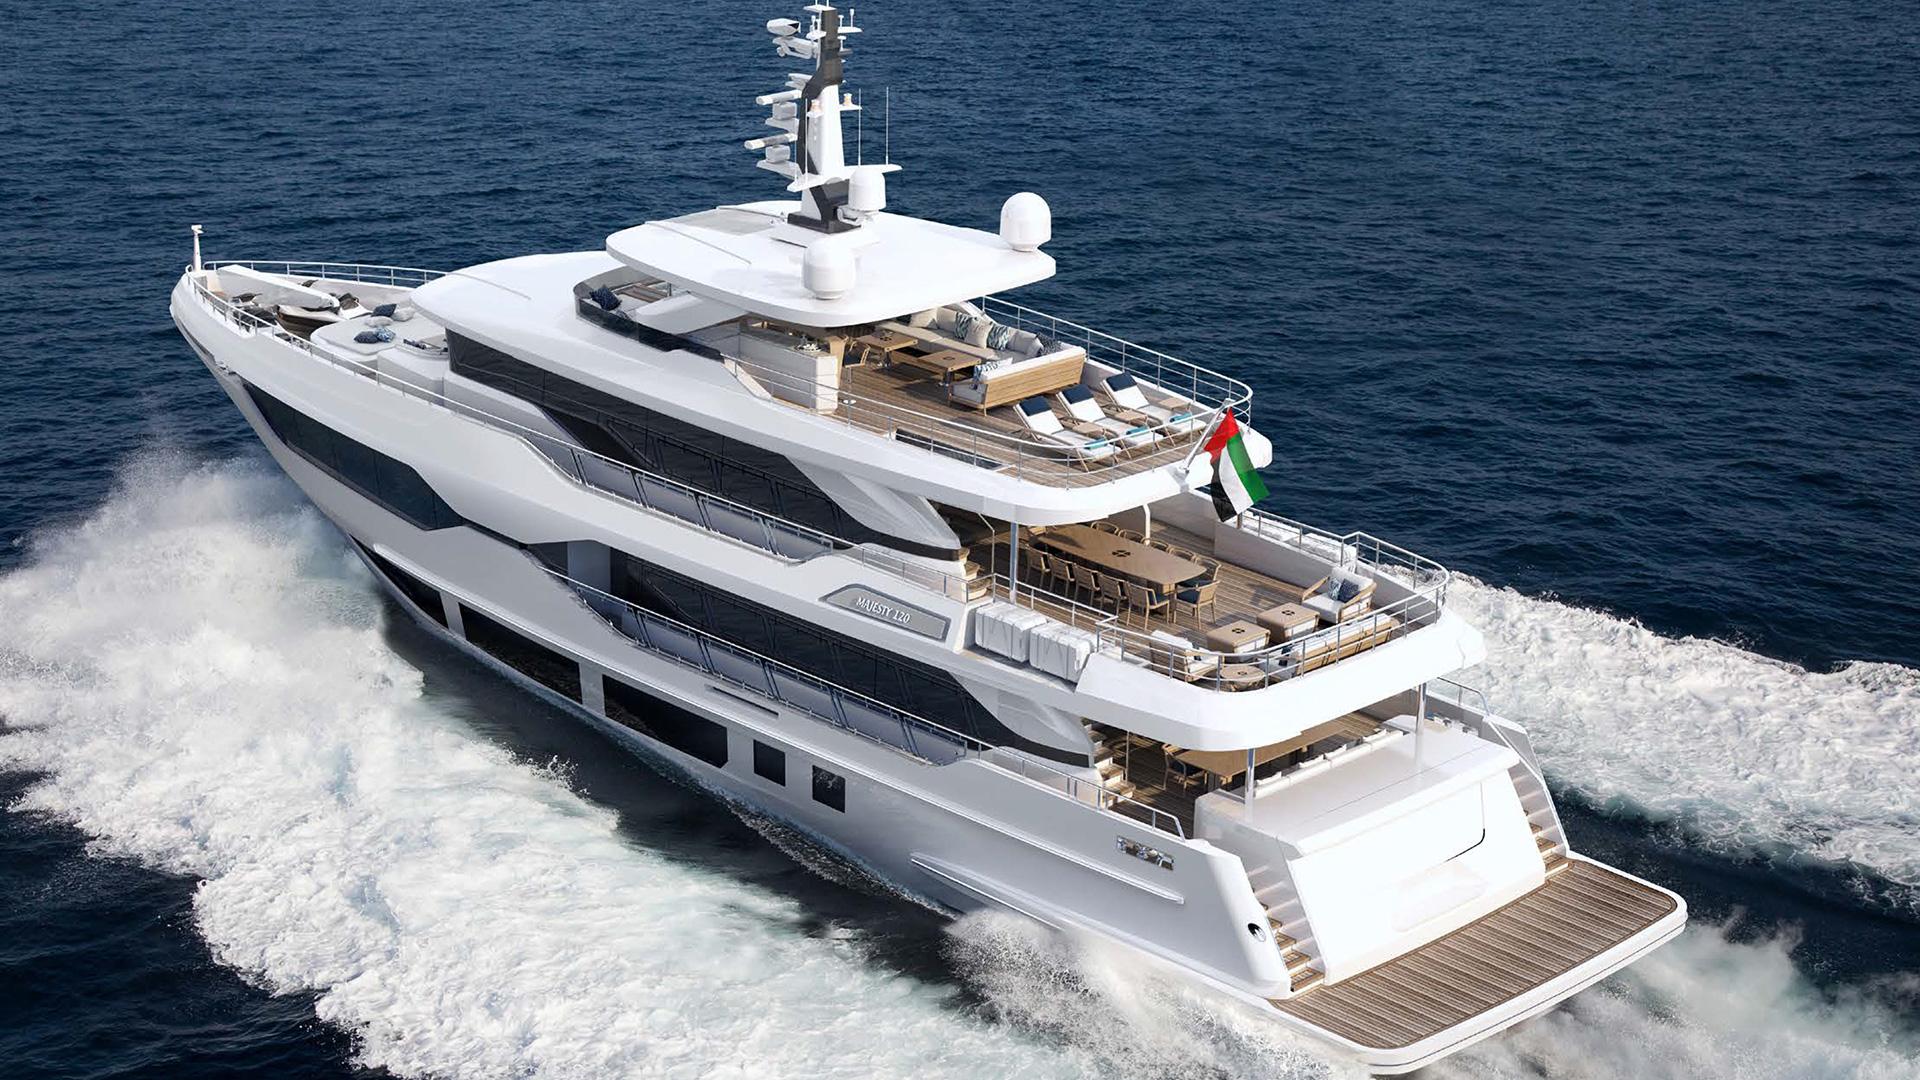 Majesty 120 - Majesty Superyachts by - Drettmann Yachts